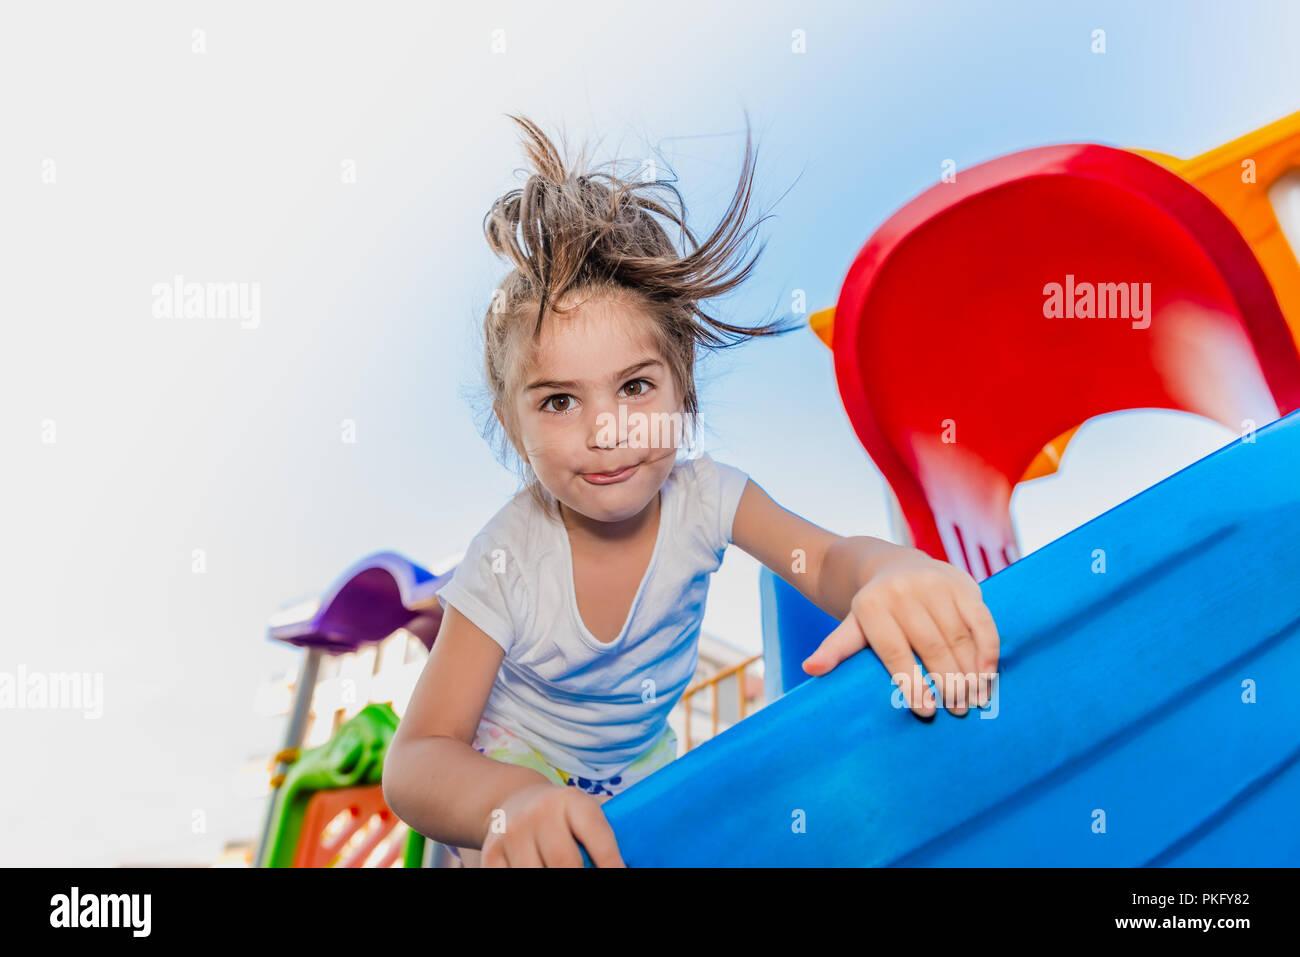 Retrato de cute little girl holding y deslizadores de Escalada de llegar al nivel superior en el campo de juegos Imagen De Stock